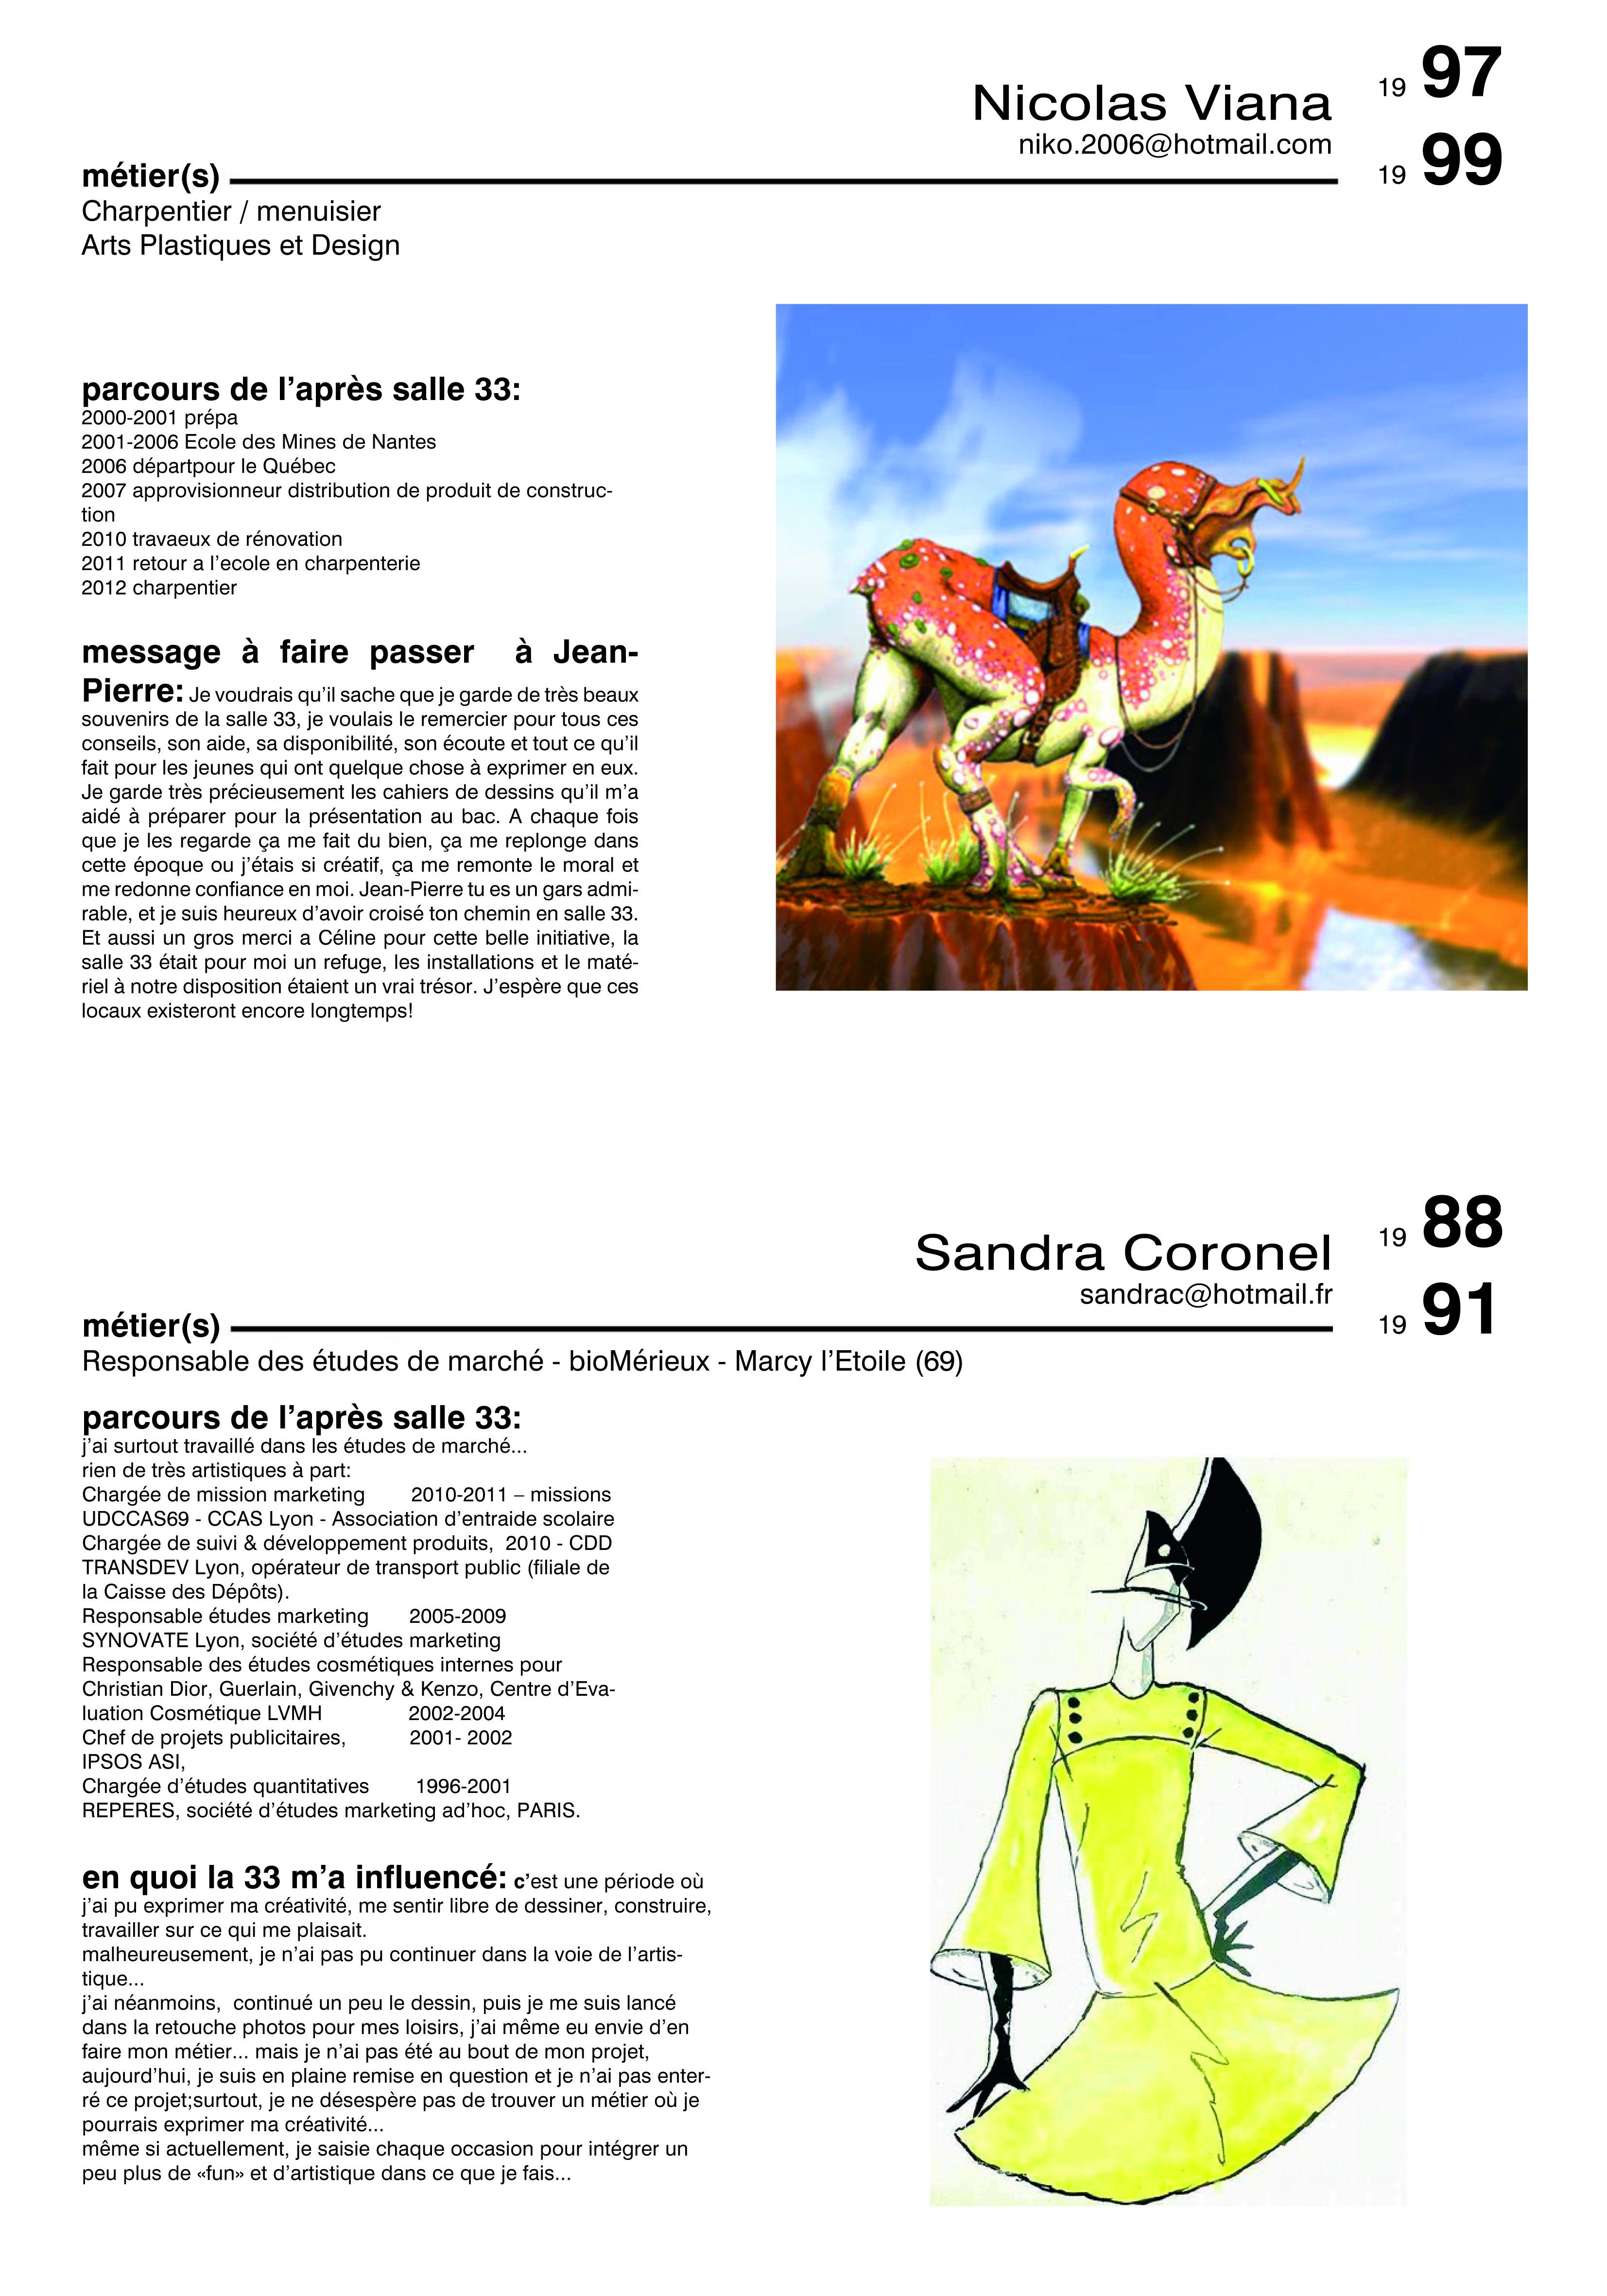 1997-1999 Nicolas Viana- Sandra Coronel.jpg